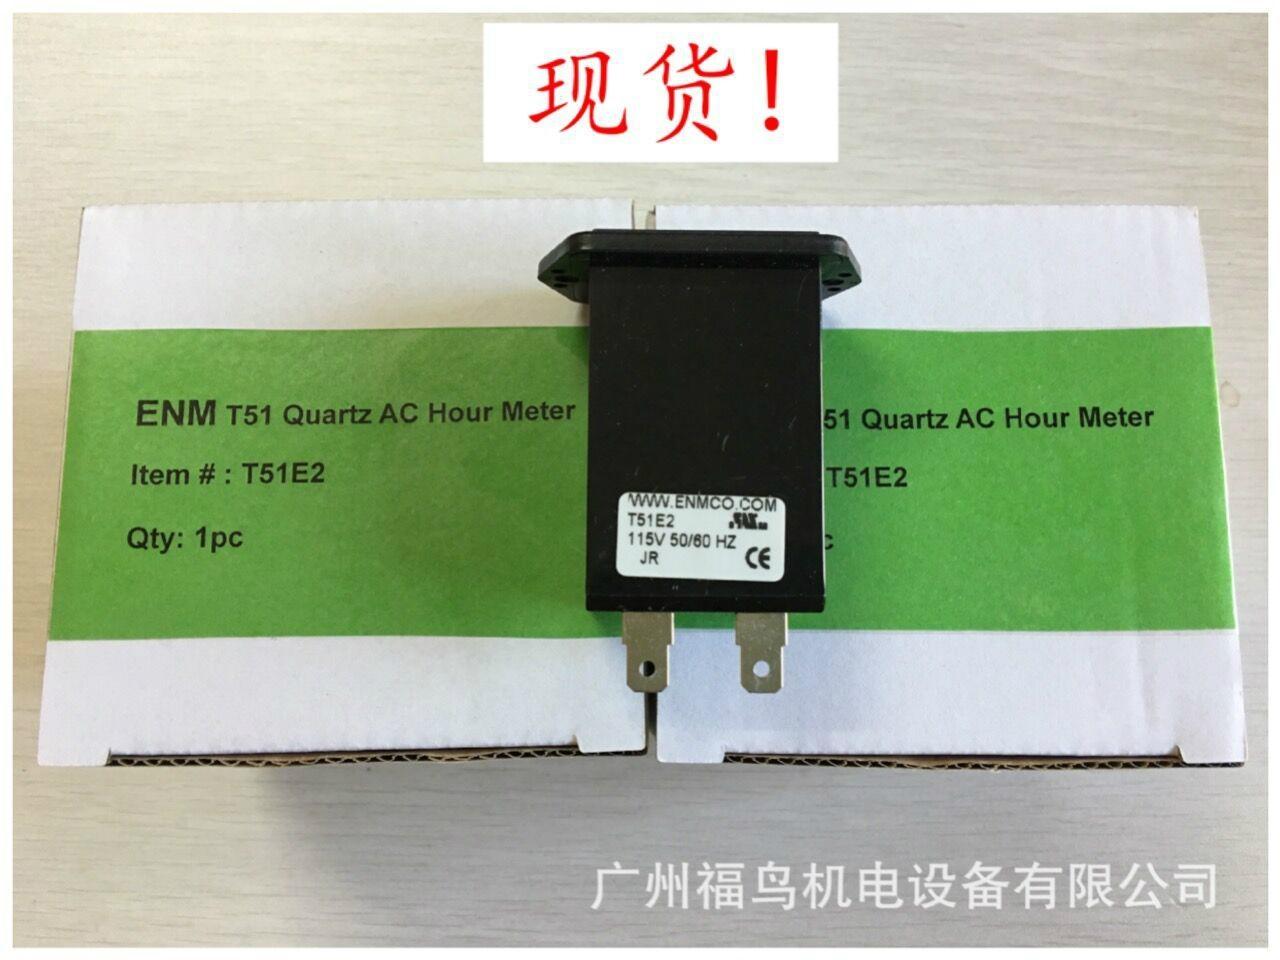 ENM计时器, 现货型号: T51E2